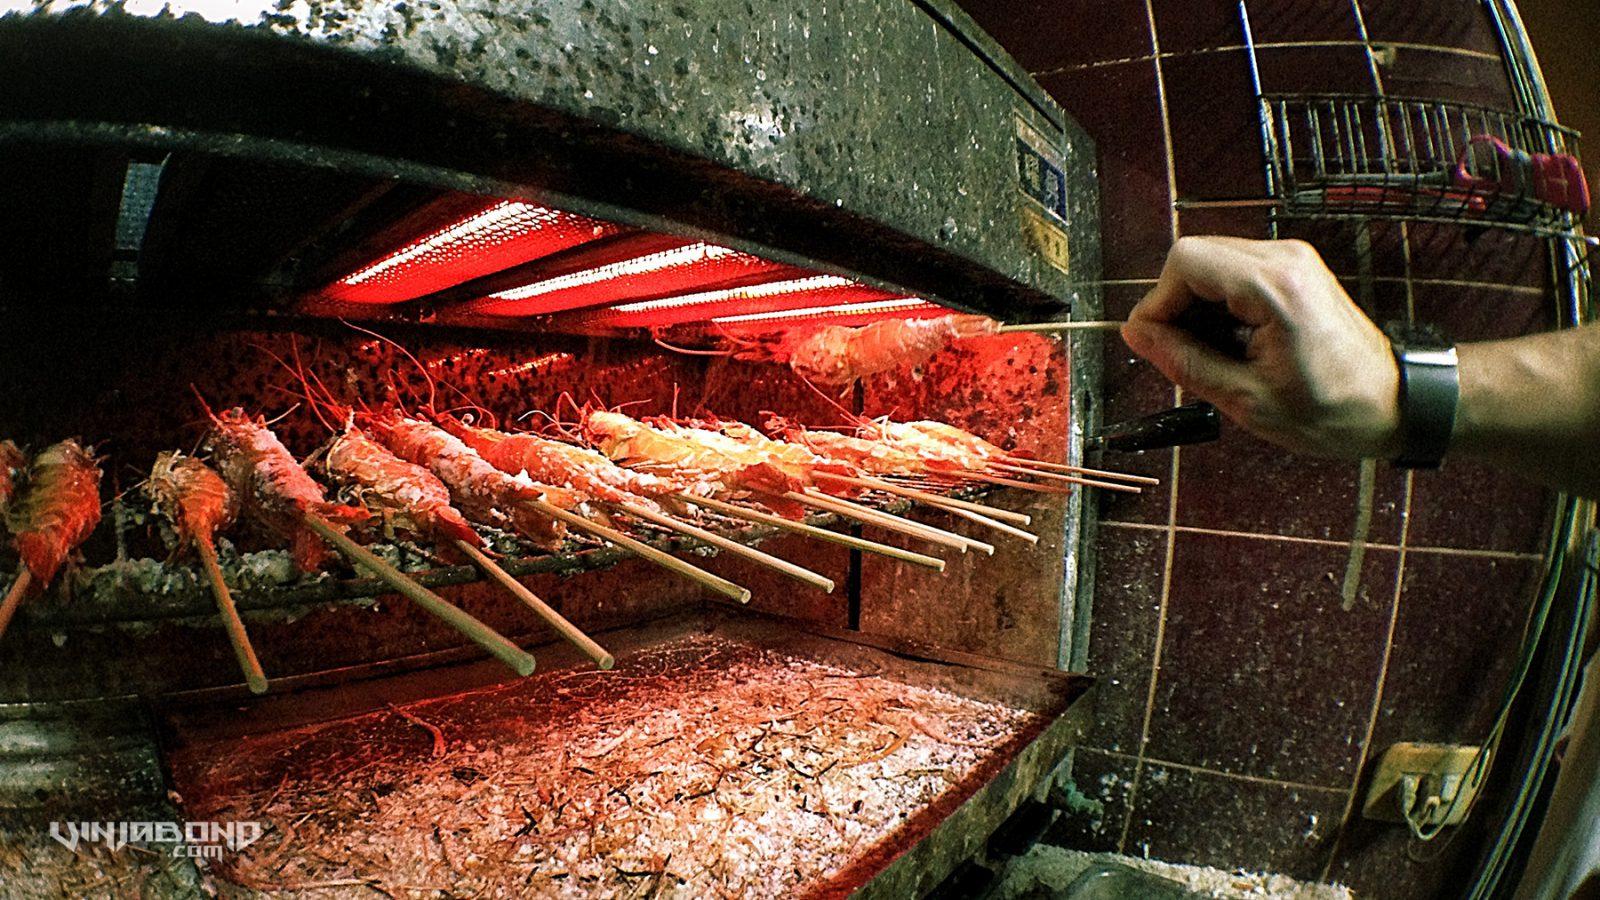 - Live Shrimp Baked After Fishing -